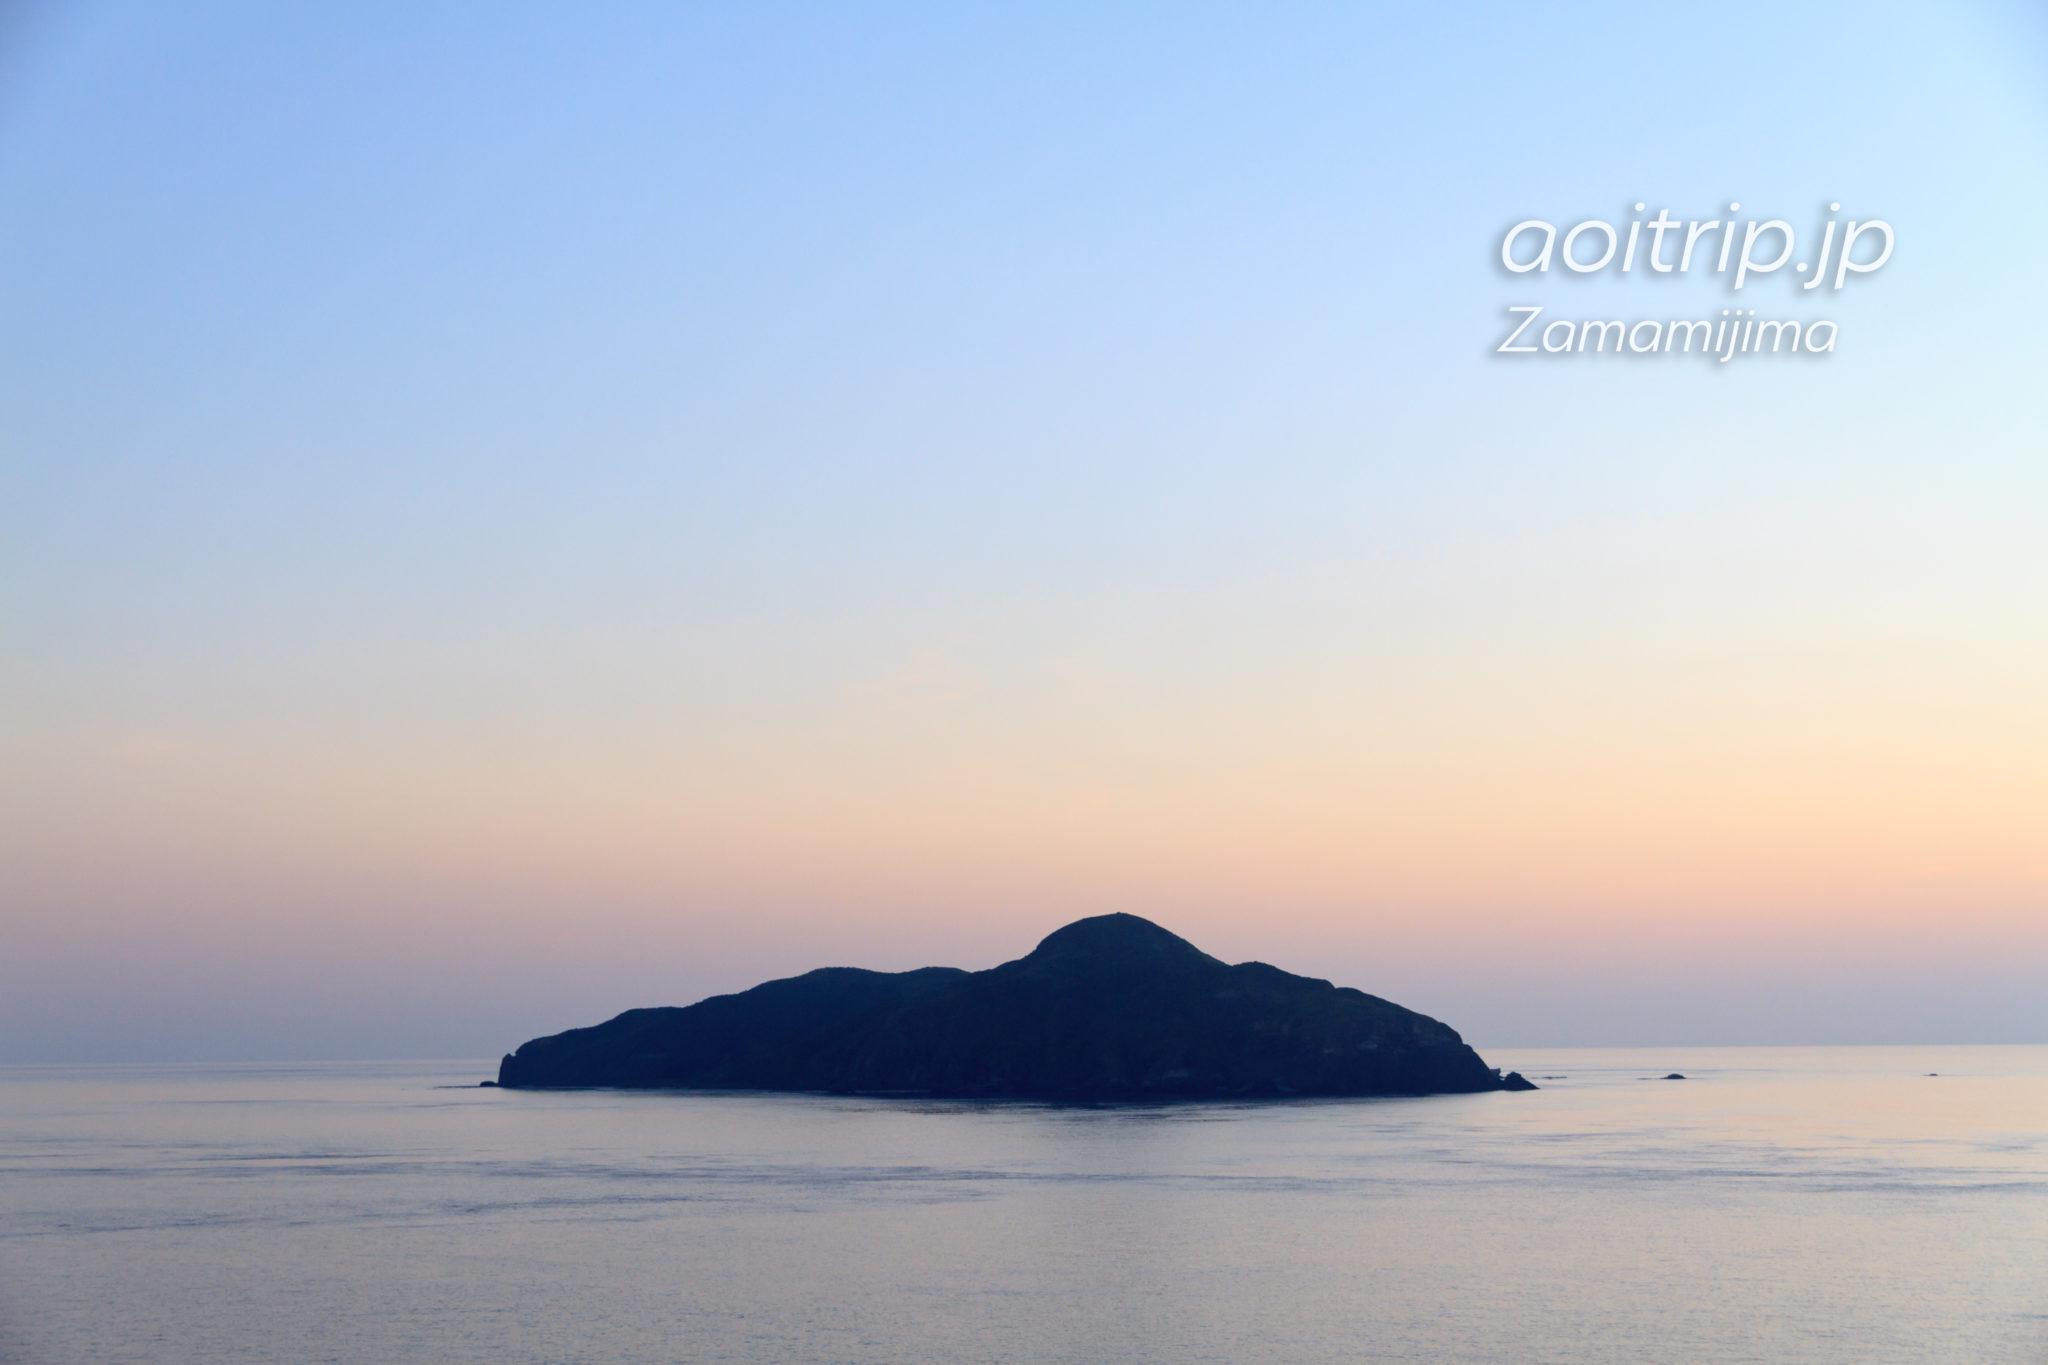 ウナジノサチ展望台から望む屋嘉比島